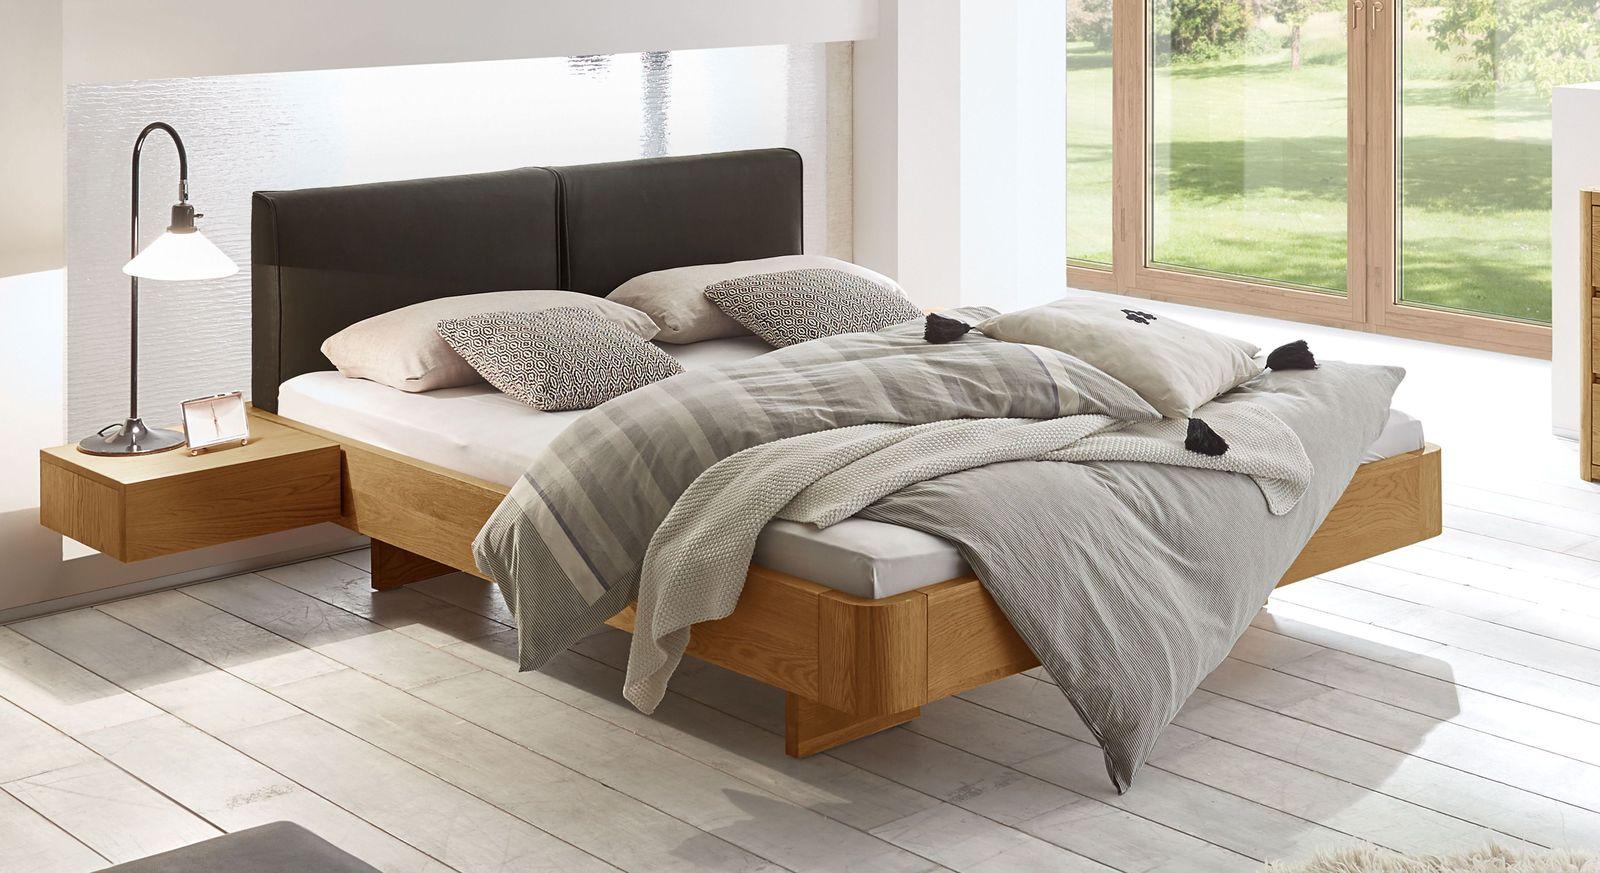 schwebebett eiche massiv mit gepolstertem kopfteil vallenar. Black Bedroom Furniture Sets. Home Design Ideas